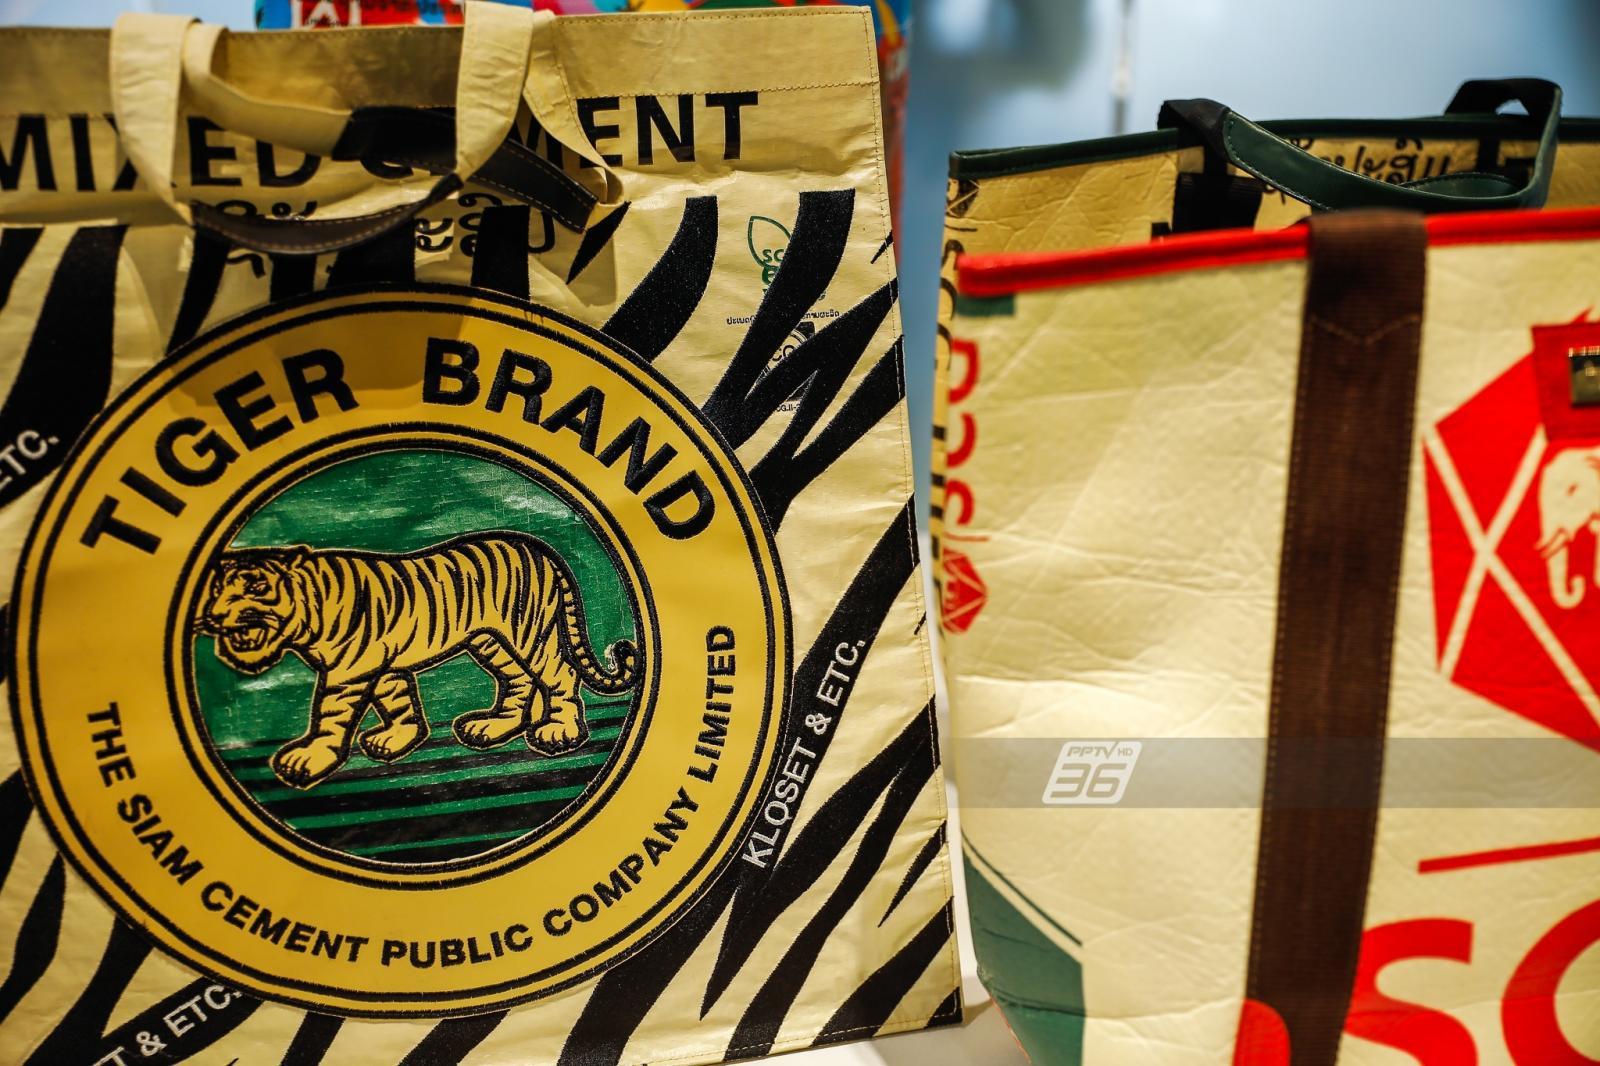 ติดปีกสินค้า Co-brand ดันนักออกแบบไทยสู่ตลาดโลก